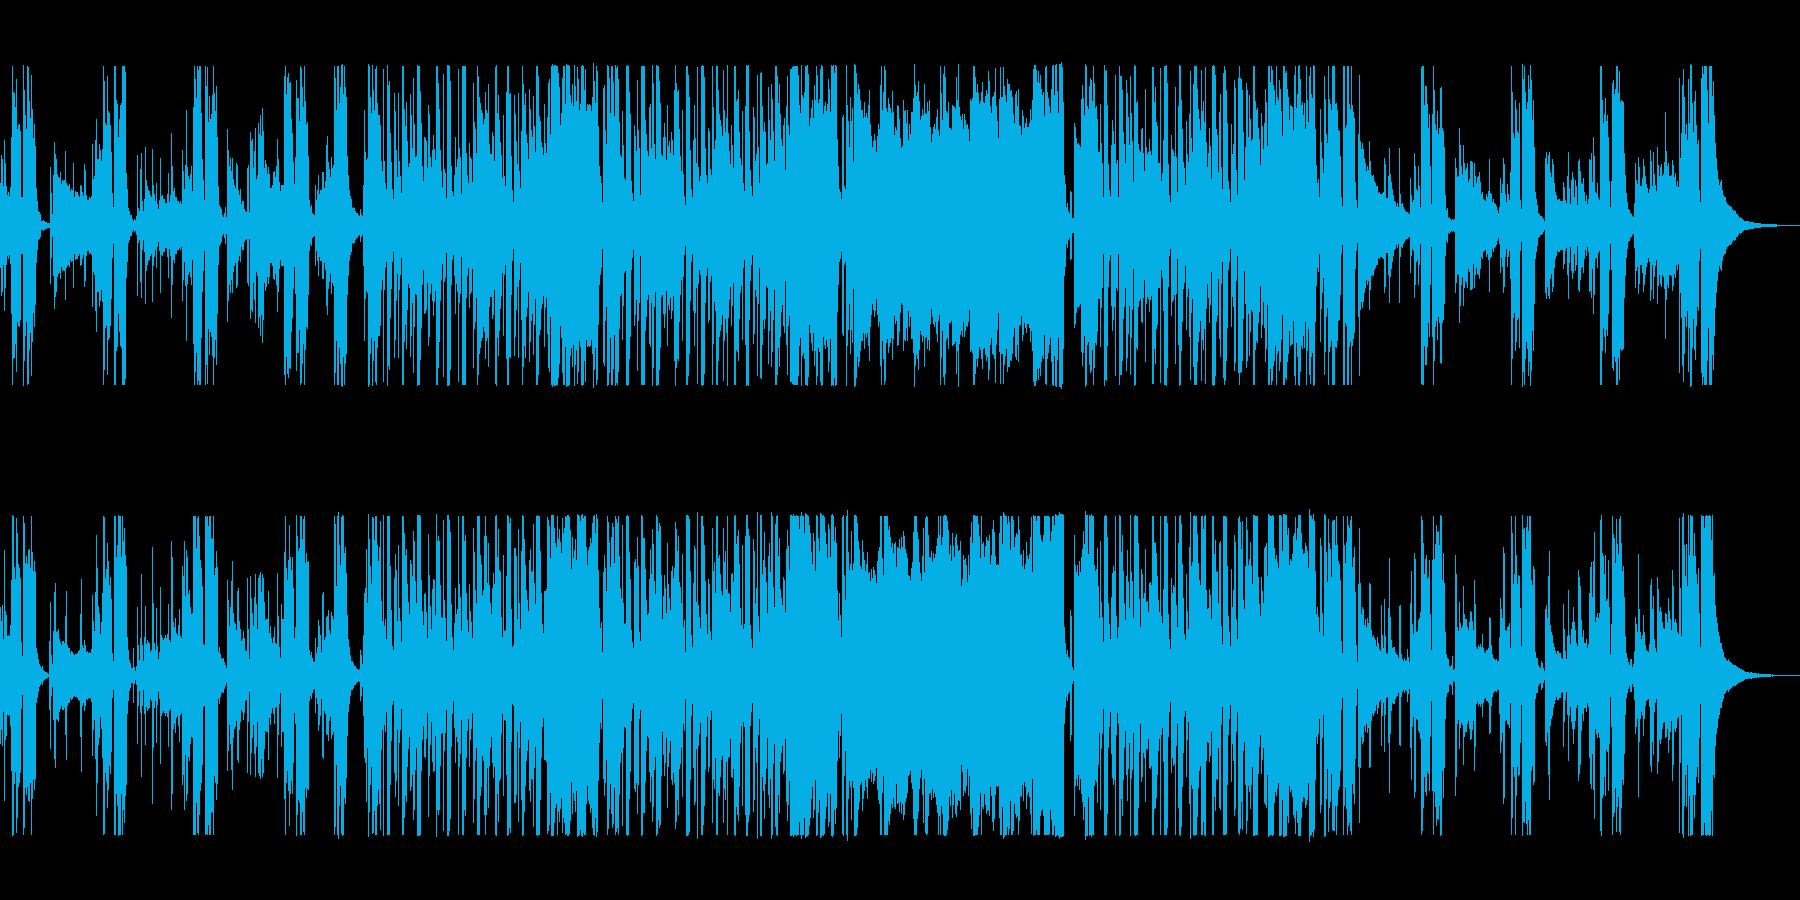 大人ワイルドな渋いジャズの再生済みの波形